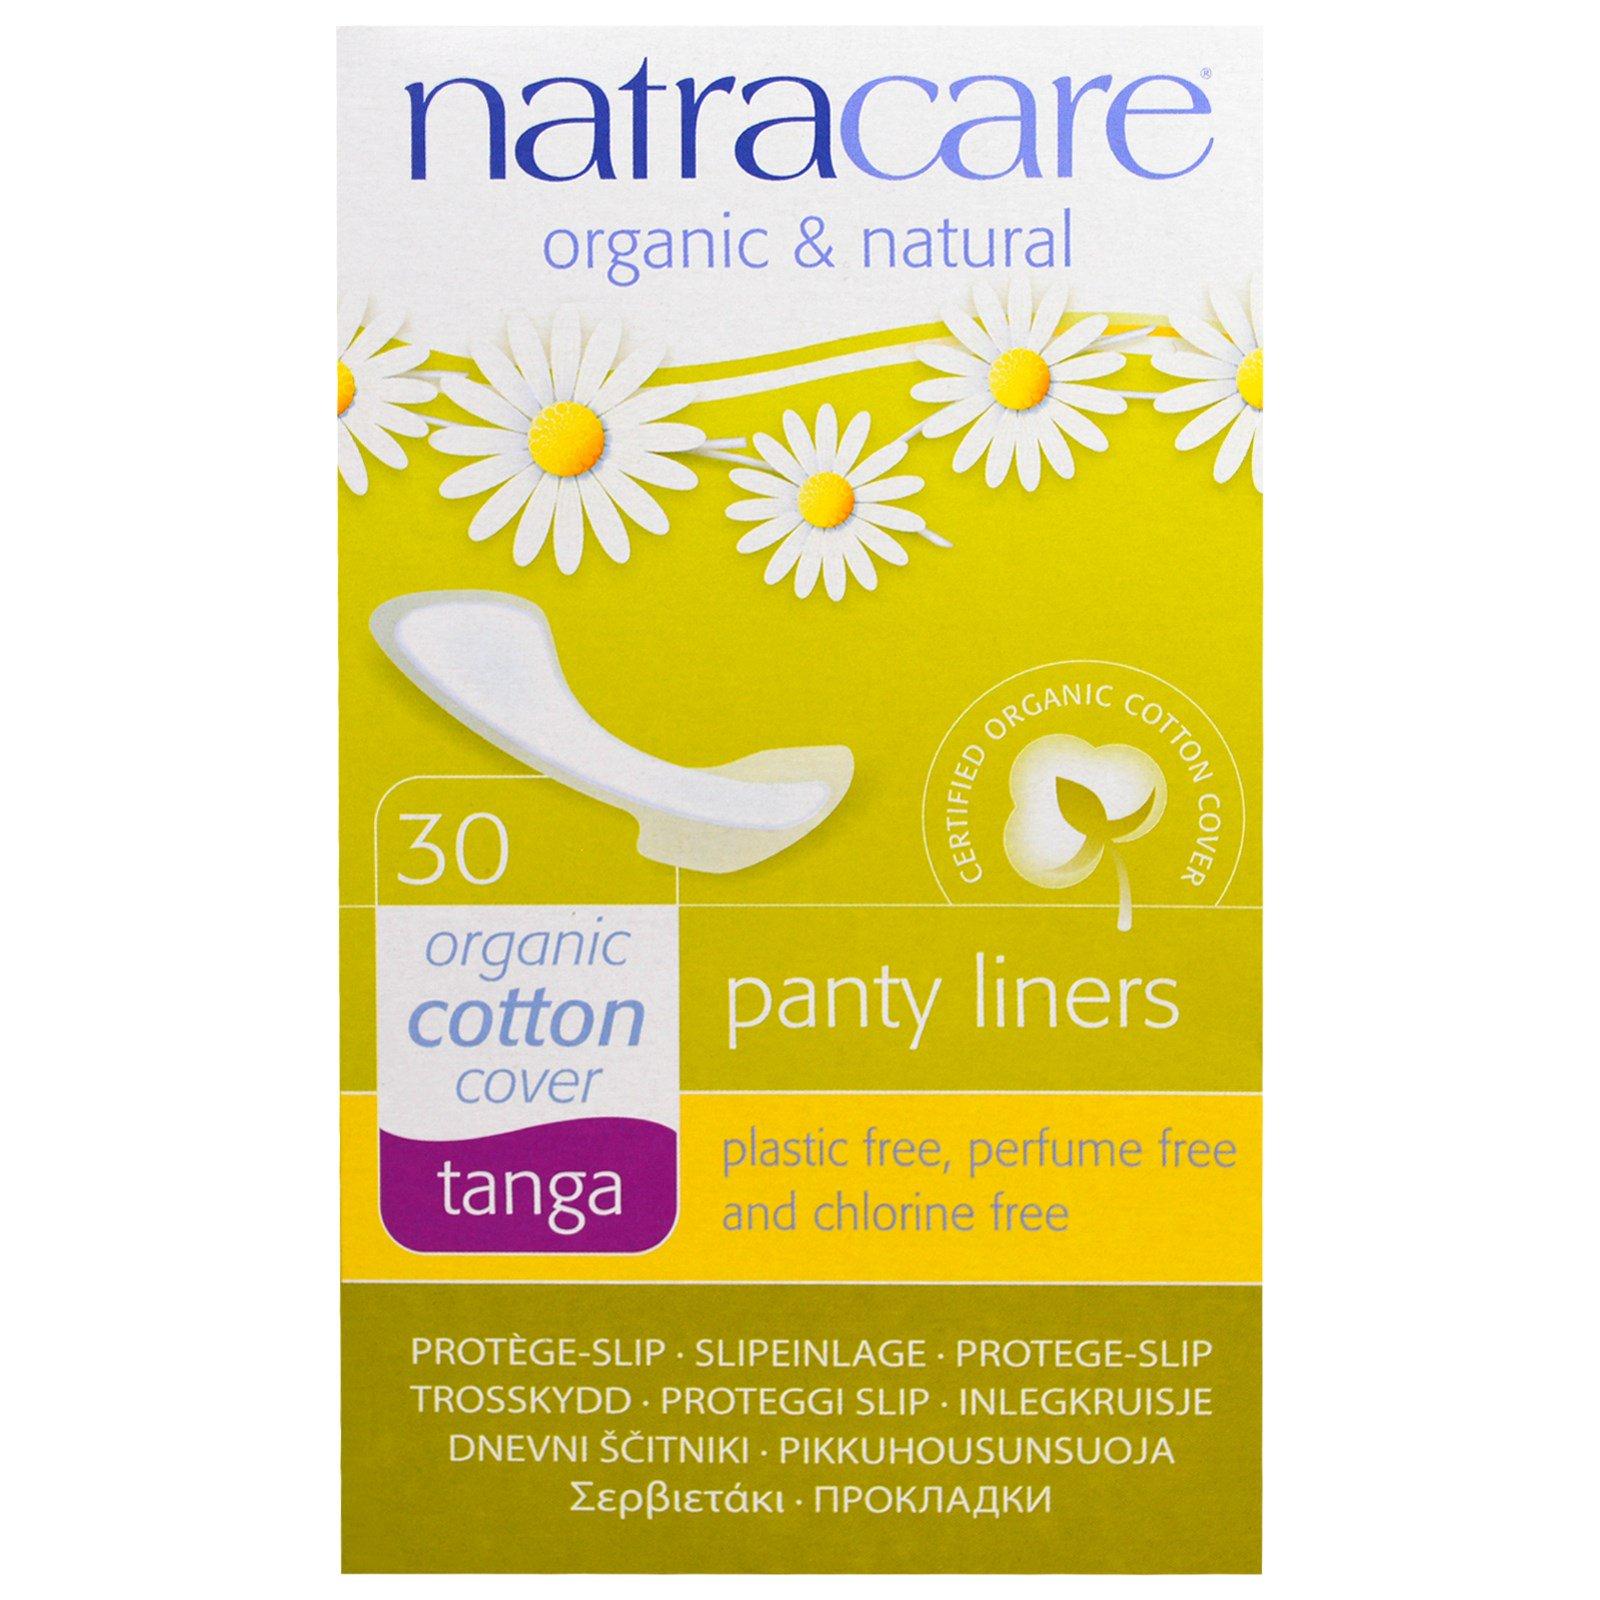 Natracare, Ежедневные прокладки, органический хлопок, танга, 30 прокладок